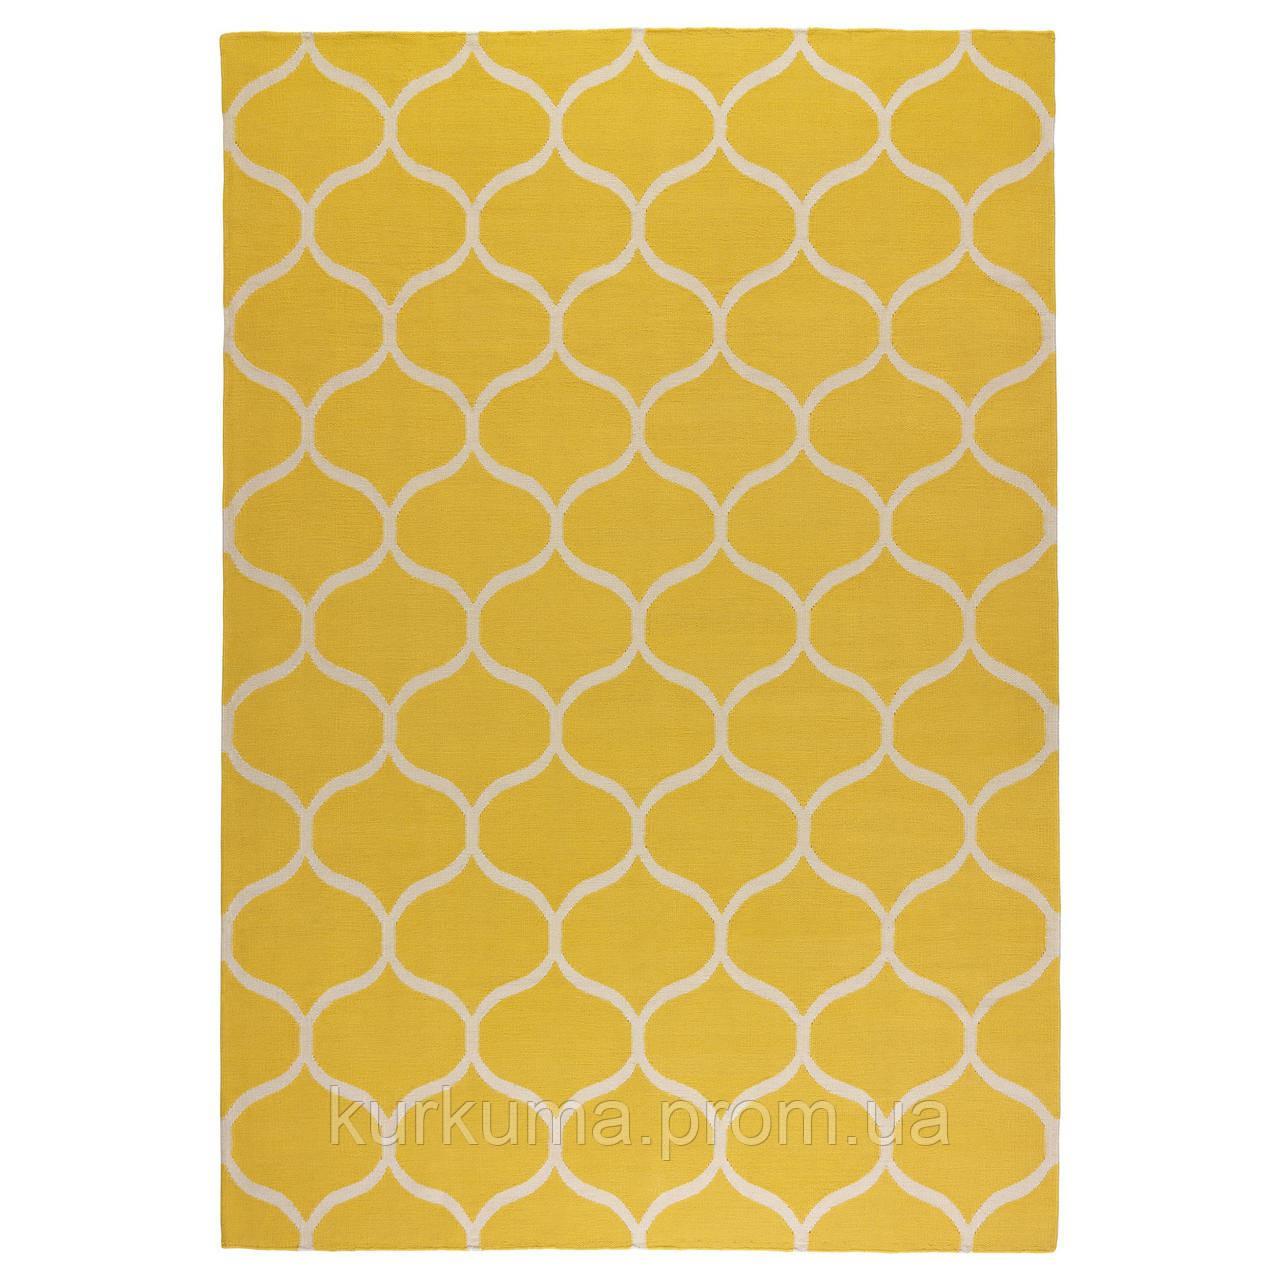 IKEA STOCKHOLM Ковер безворсовый, ручная работа, желтая решетка, желтый  (102.290.35)